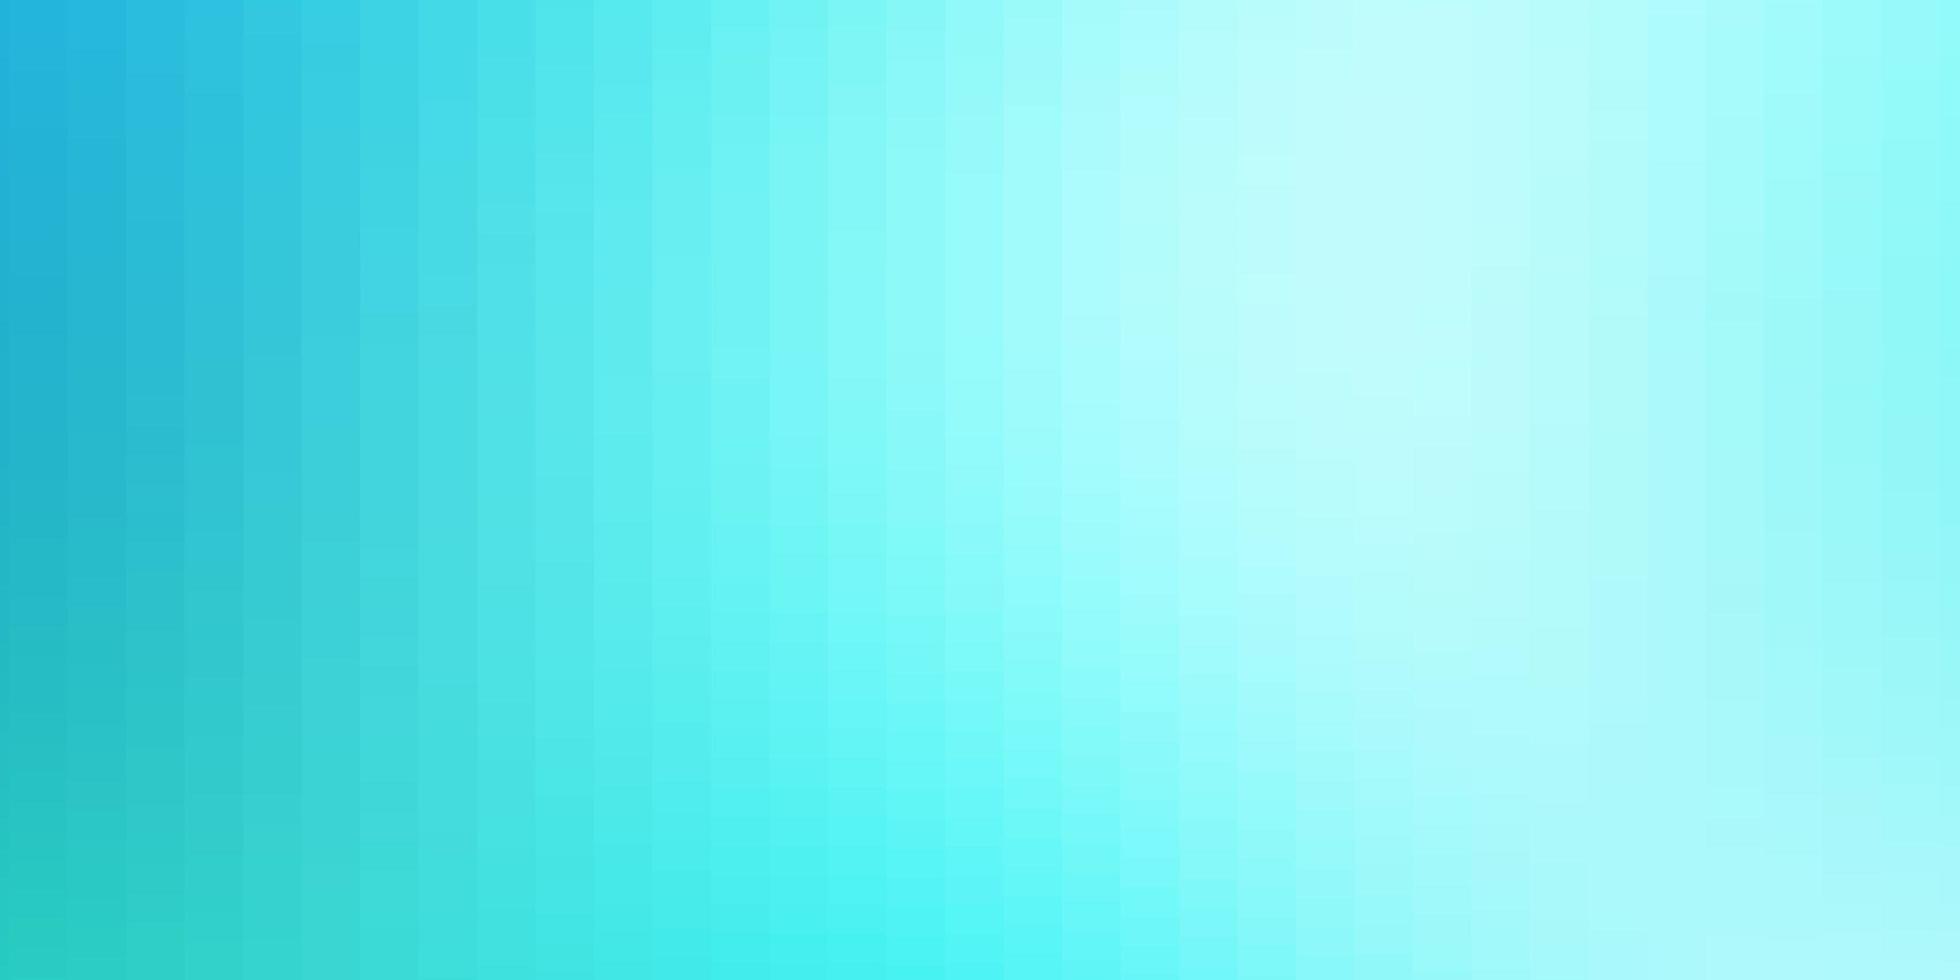 blauer Hintergrund im polygonalen Stil. vektor